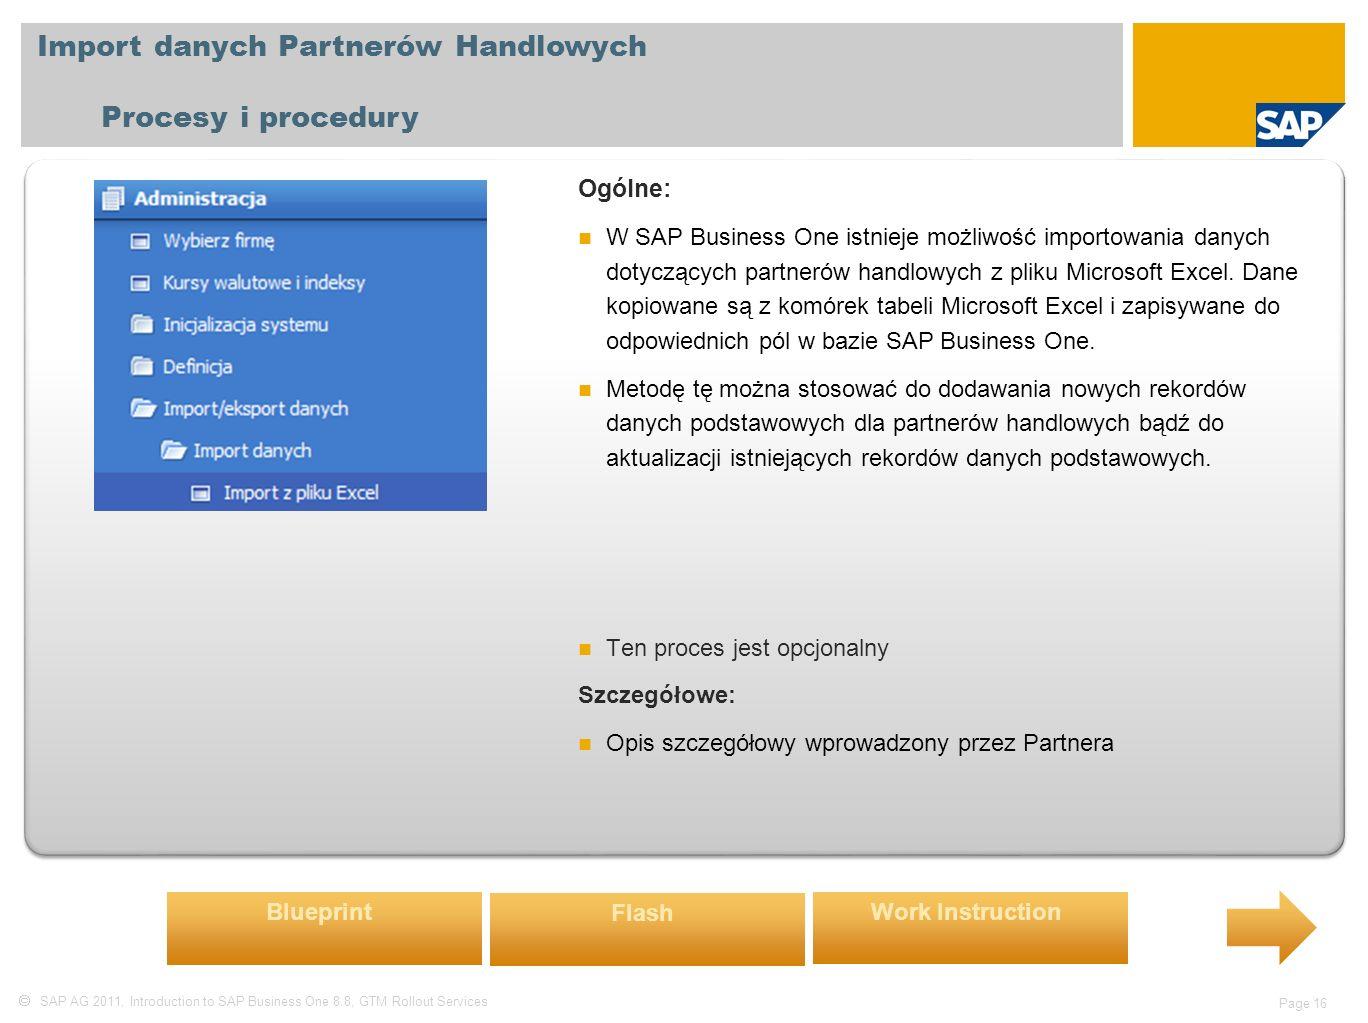  SAP AG 2011, Introduction to SAP Business One 8.8, GTM Rollout Services Page 16 Import danych Partnerów Handlowych Procesy i procedury Ogólne: W SAP Business One istnieje możliwość importowania danych dotyczących partnerów handlowych z pliku Microsoft Excel.